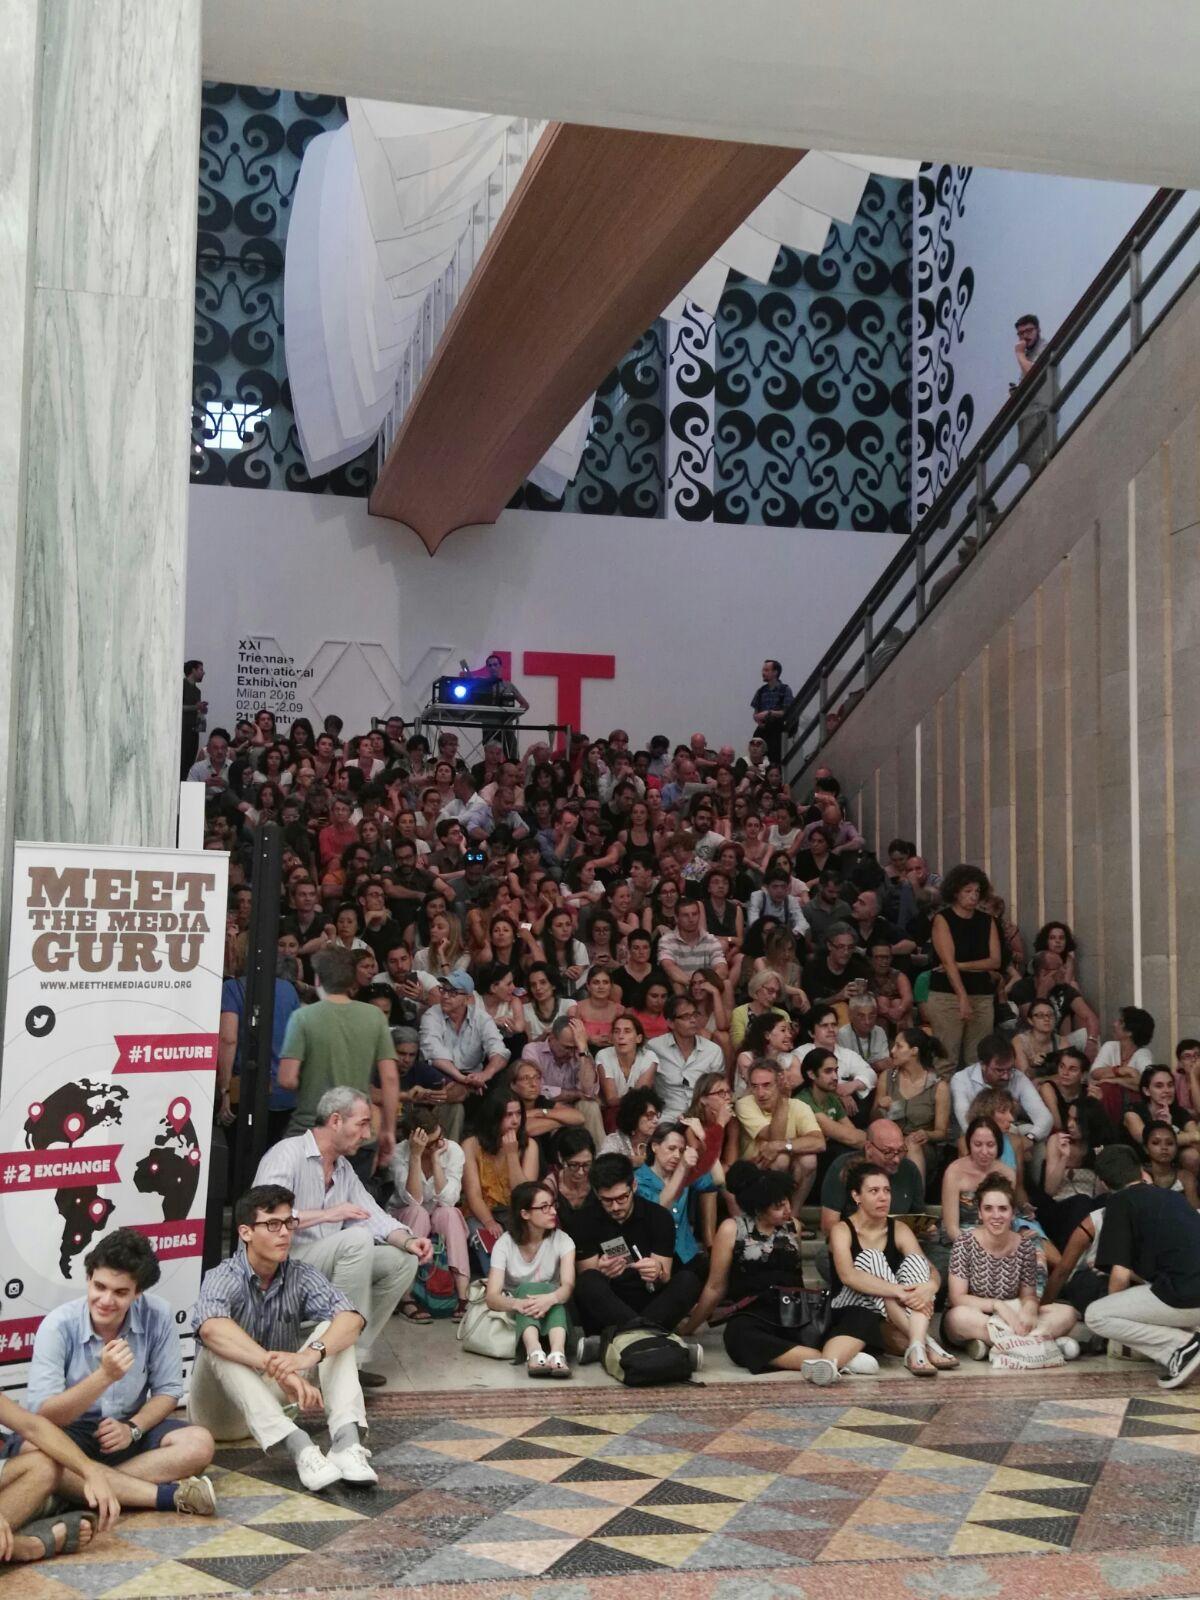 Che spettacolo! Grazie a tutti i voi, dal MtMG team. Siete una splendida community. #futureways https://t.co/lseSk2ihfd